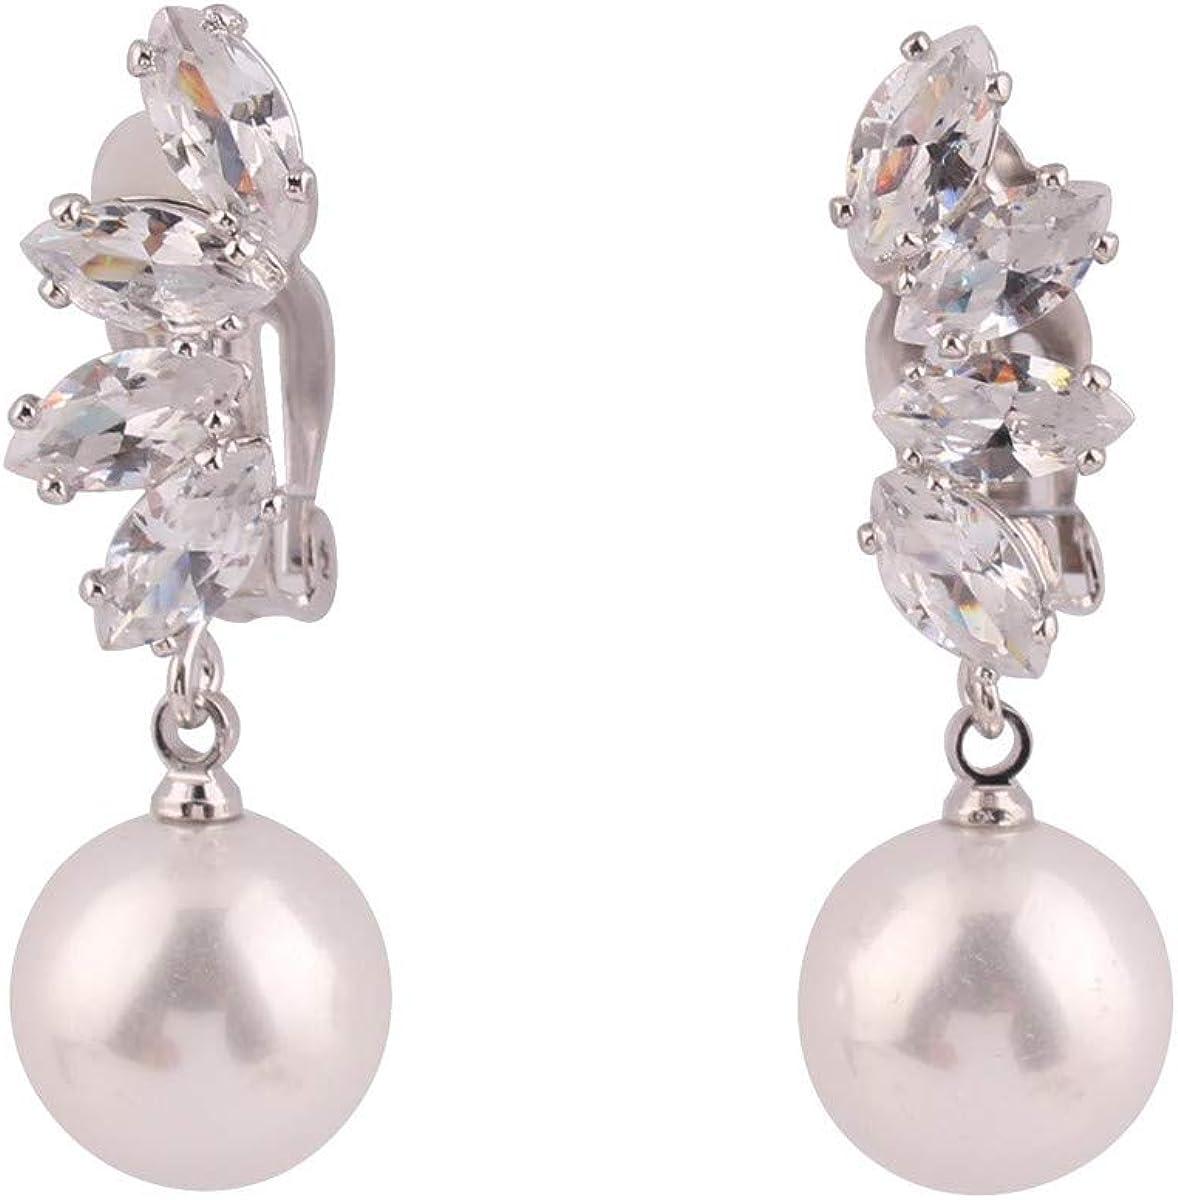 HAPPYAN High-grade Copper AAA Cubic Zircon Pearl Clip on Earrings No Pierced for Women Party Wedding Senstive ears hypoallergenic Clip-ons